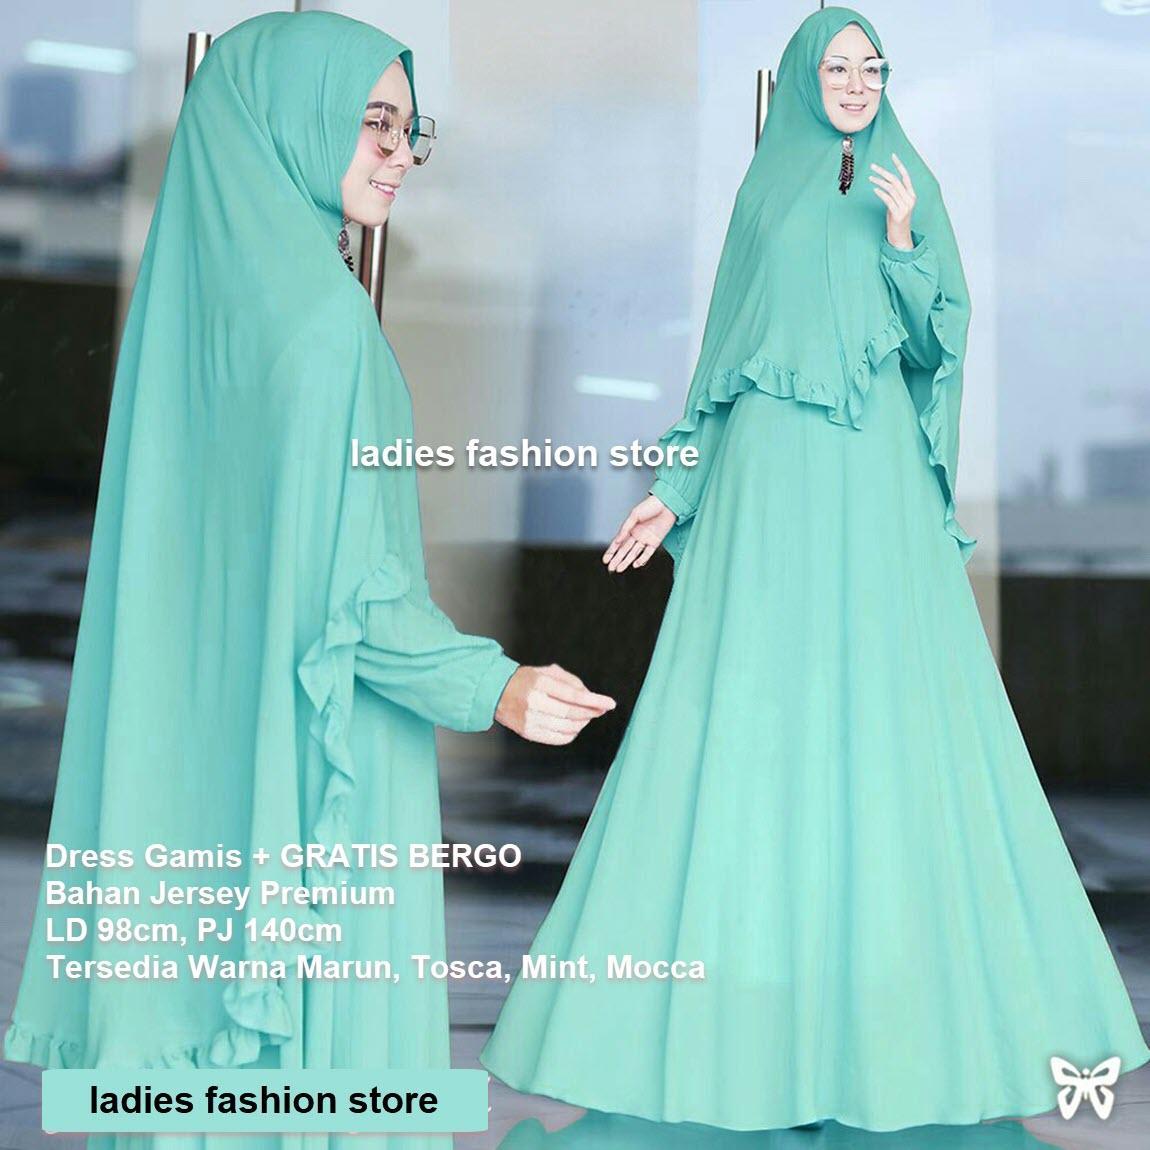 Penawaran Murah Grand Lms Kemeja Tunik Ribbon Motif Kotak Bahan Setelan Gamis Muslimah Wanita Gratis Bergo Baju Modern Model Baru